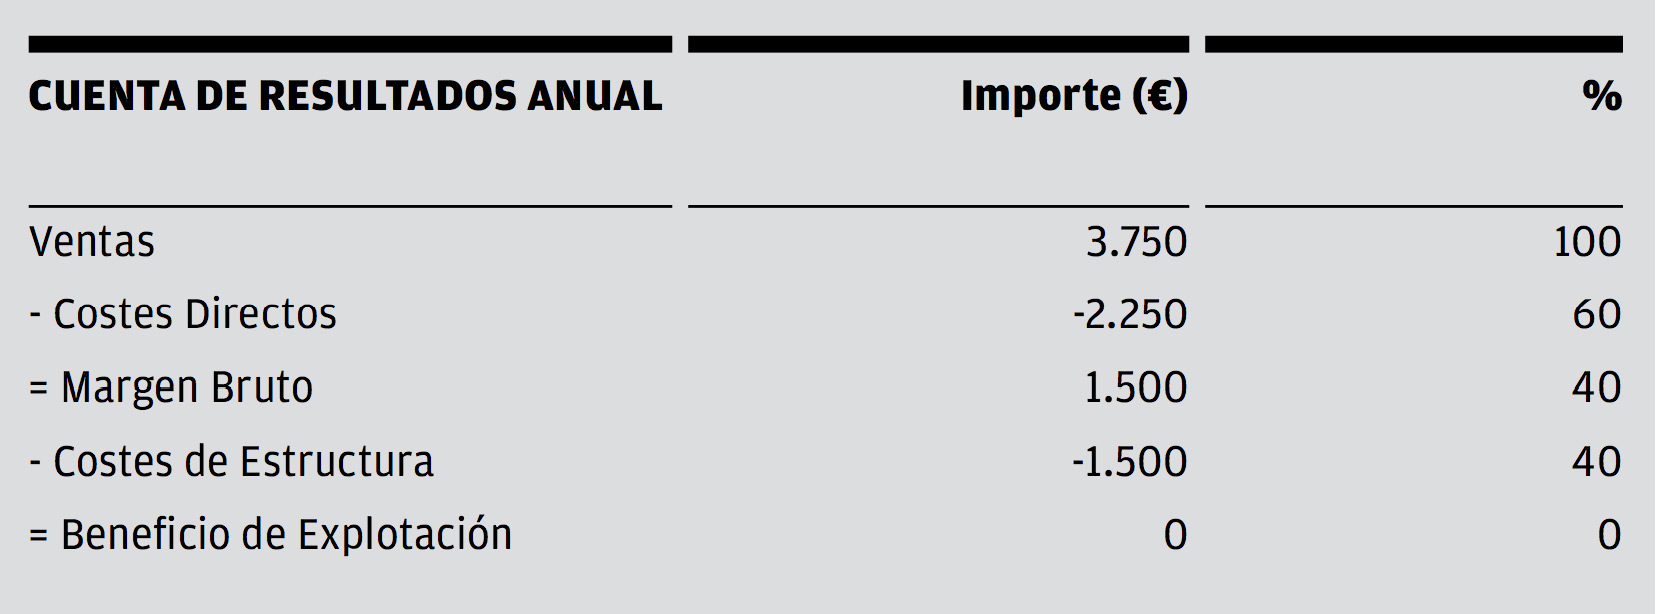 Segundo ejemplo de la cuenta de resultados anual